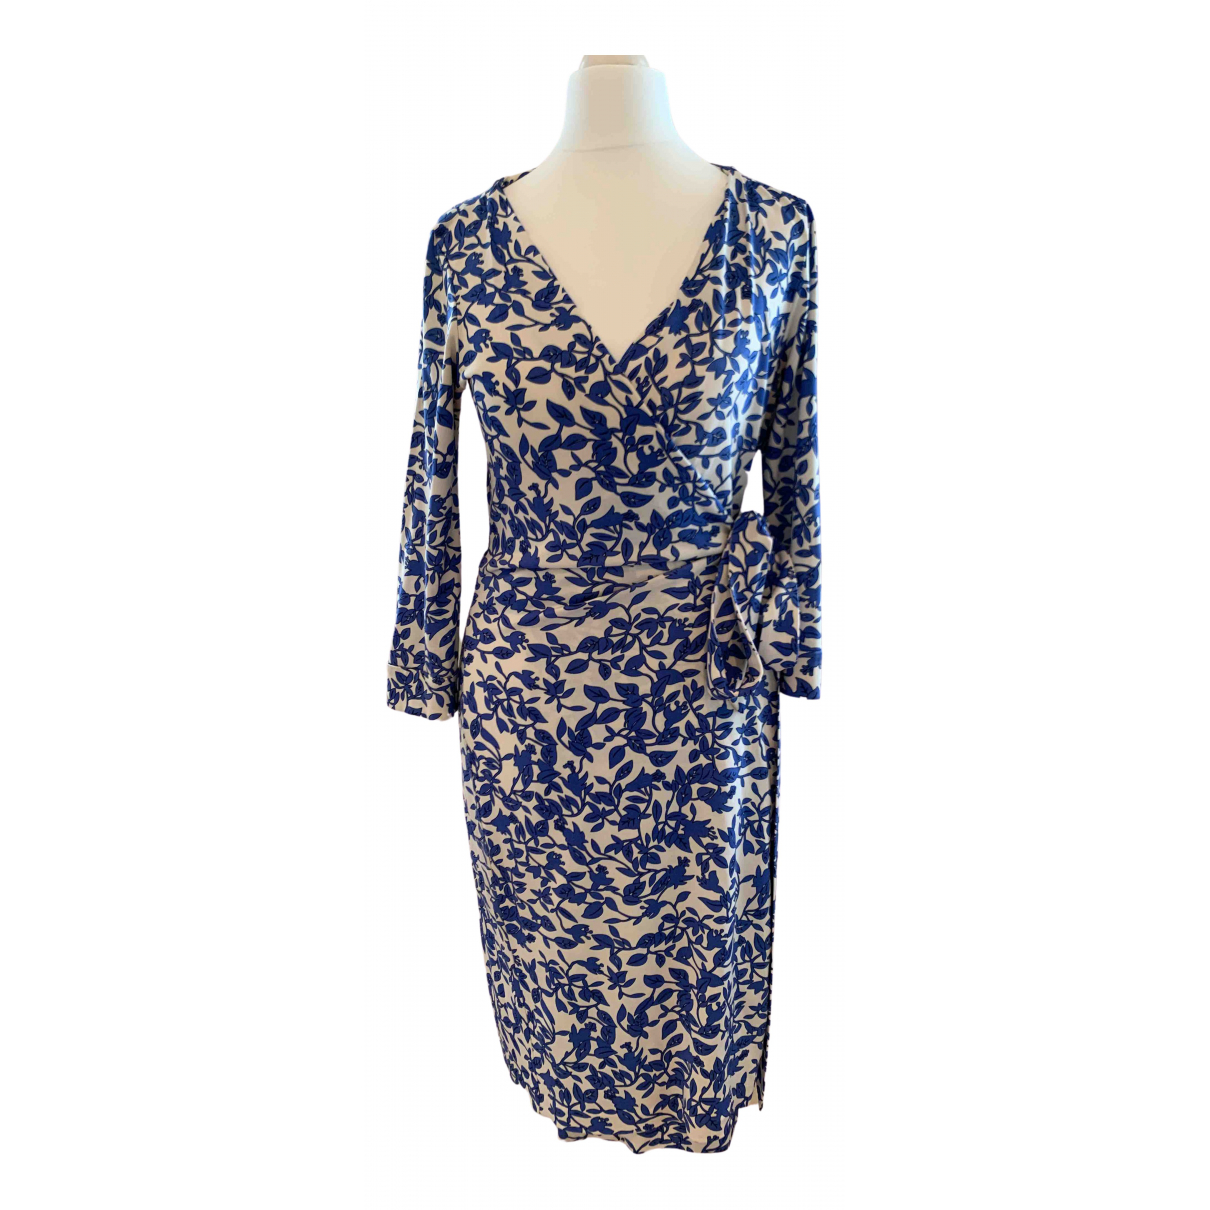 Diane Von Furstenberg \N Blue dress for Women 4 US